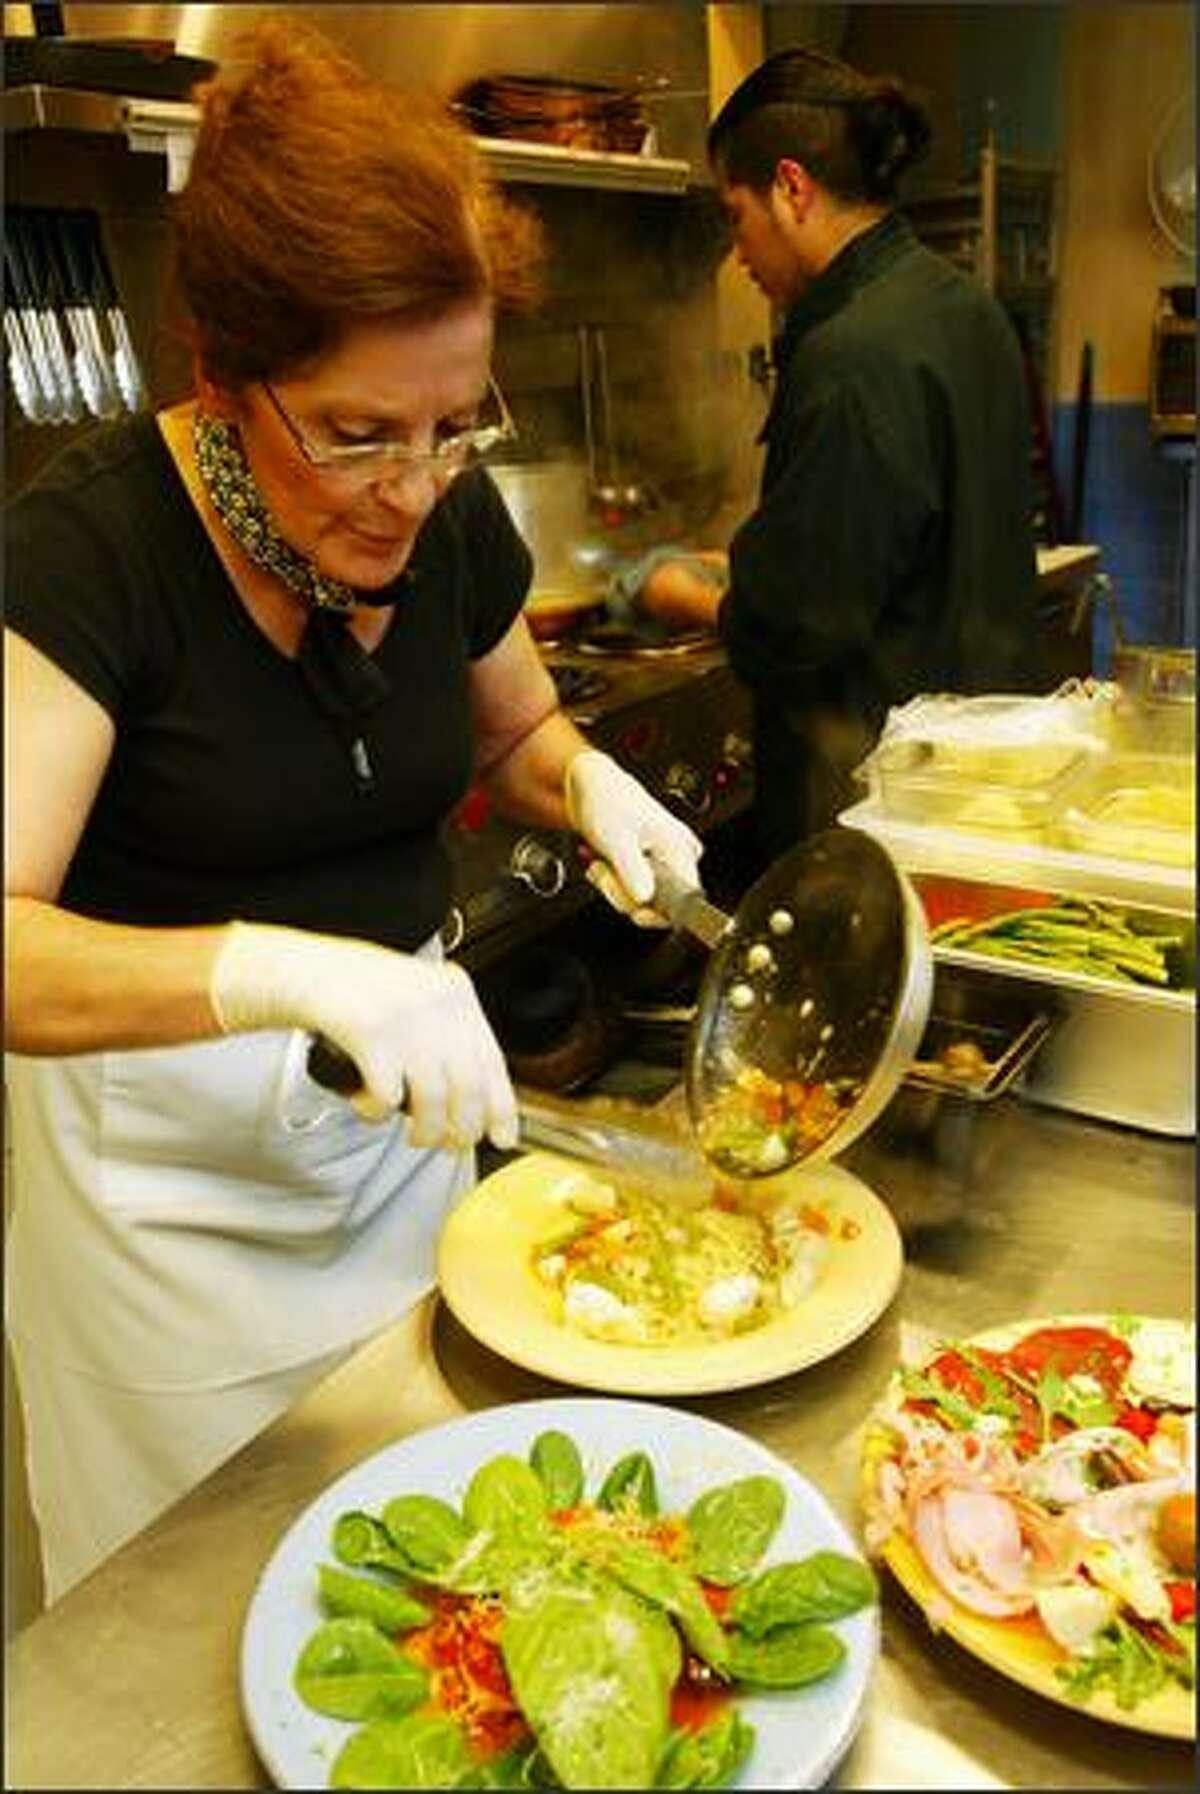 Mama Enza, as she's known, does most of the cooking at Mondello Ristorante Italiano. The Sicilian native's son, Corino Bonjrada, co-owns the Magnolia Village establishment.